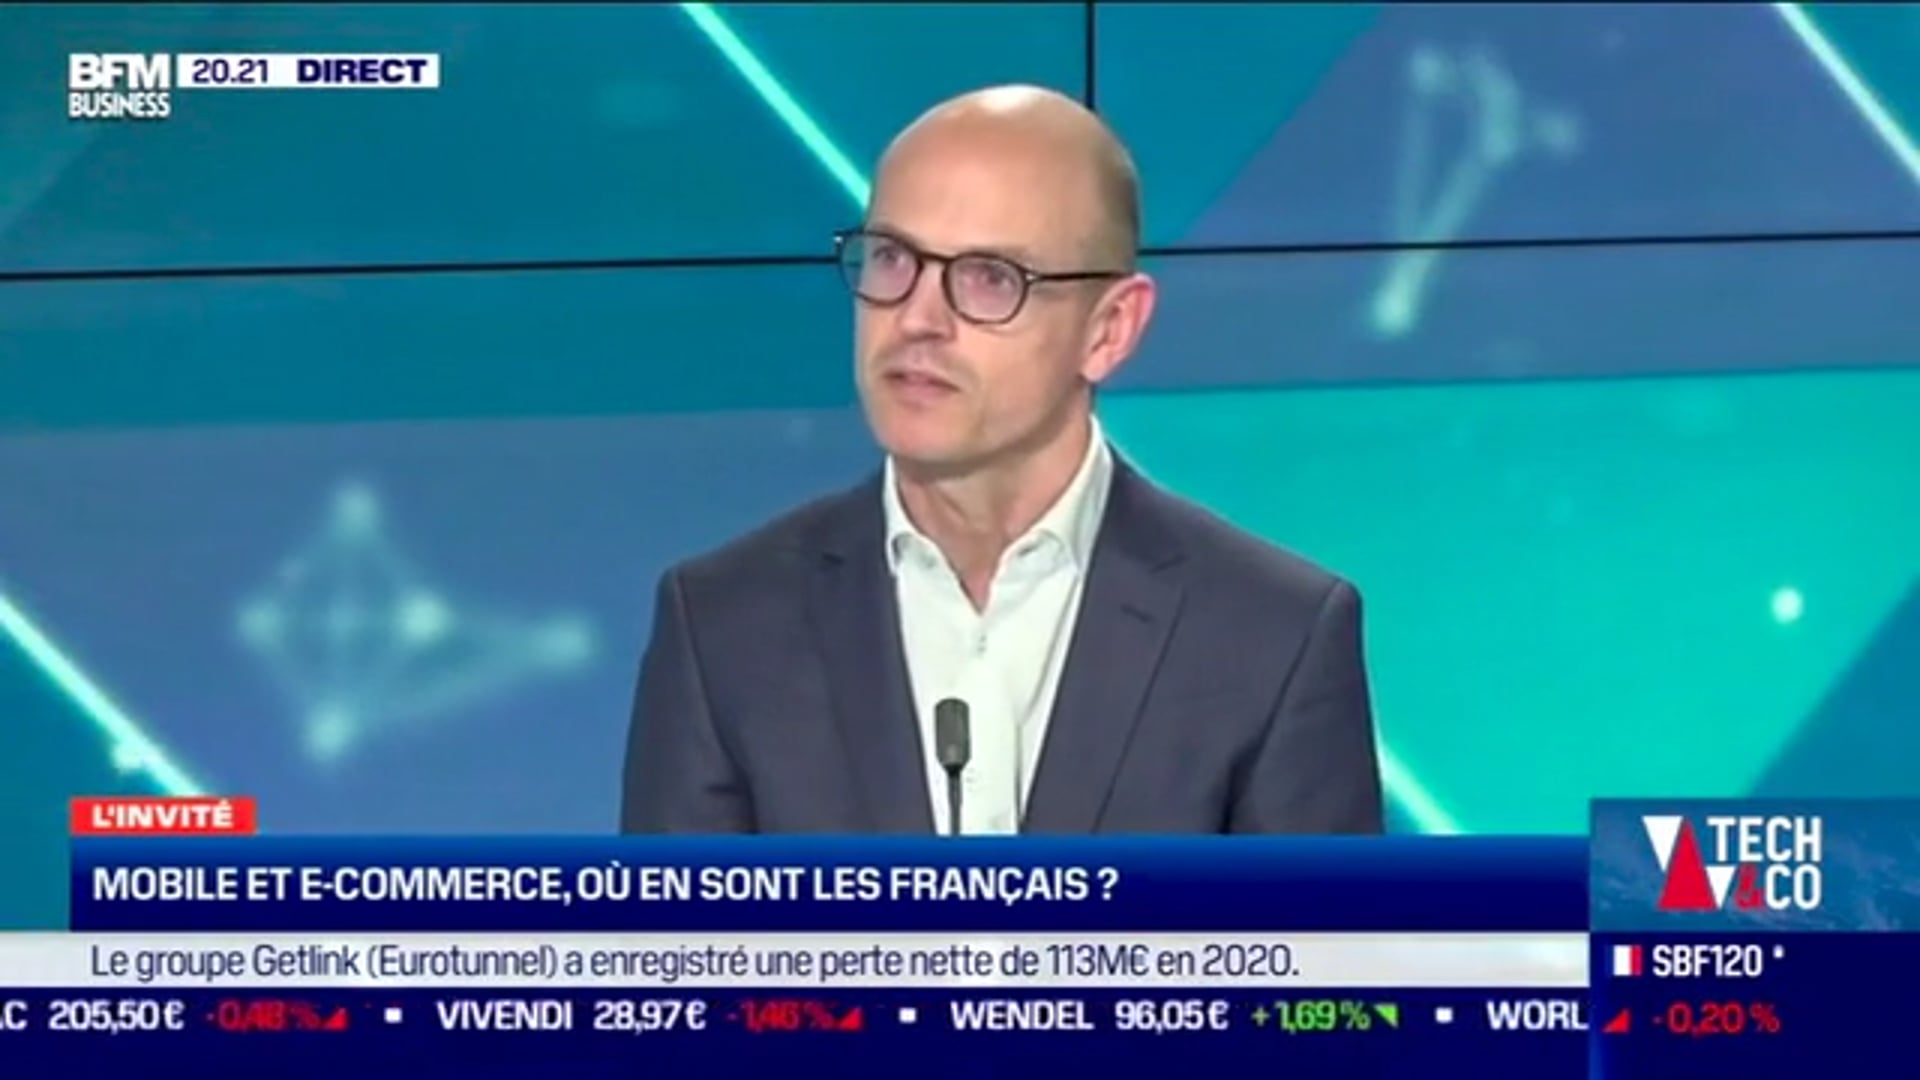 Mobile et e-commerce, où en sont les français ?